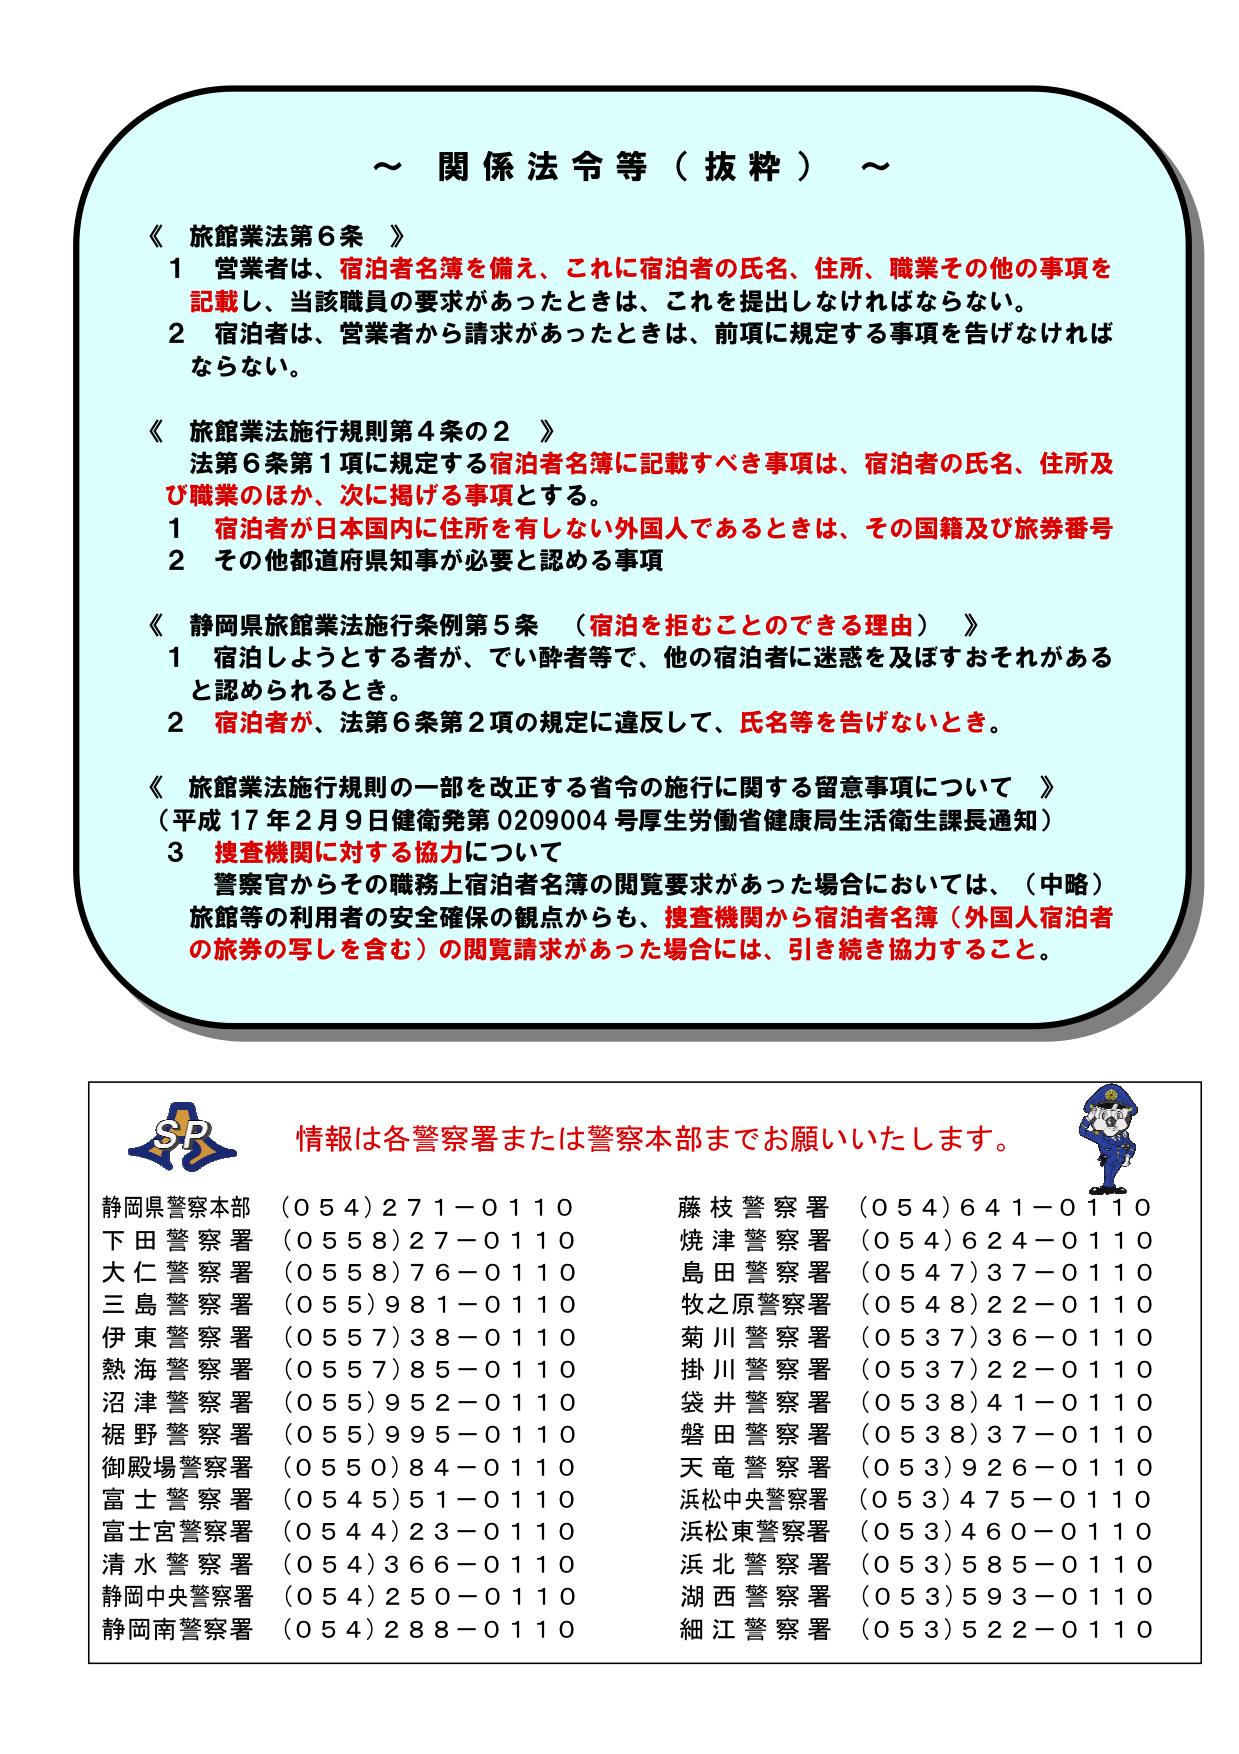 科学 幹部 文部 名簿 省